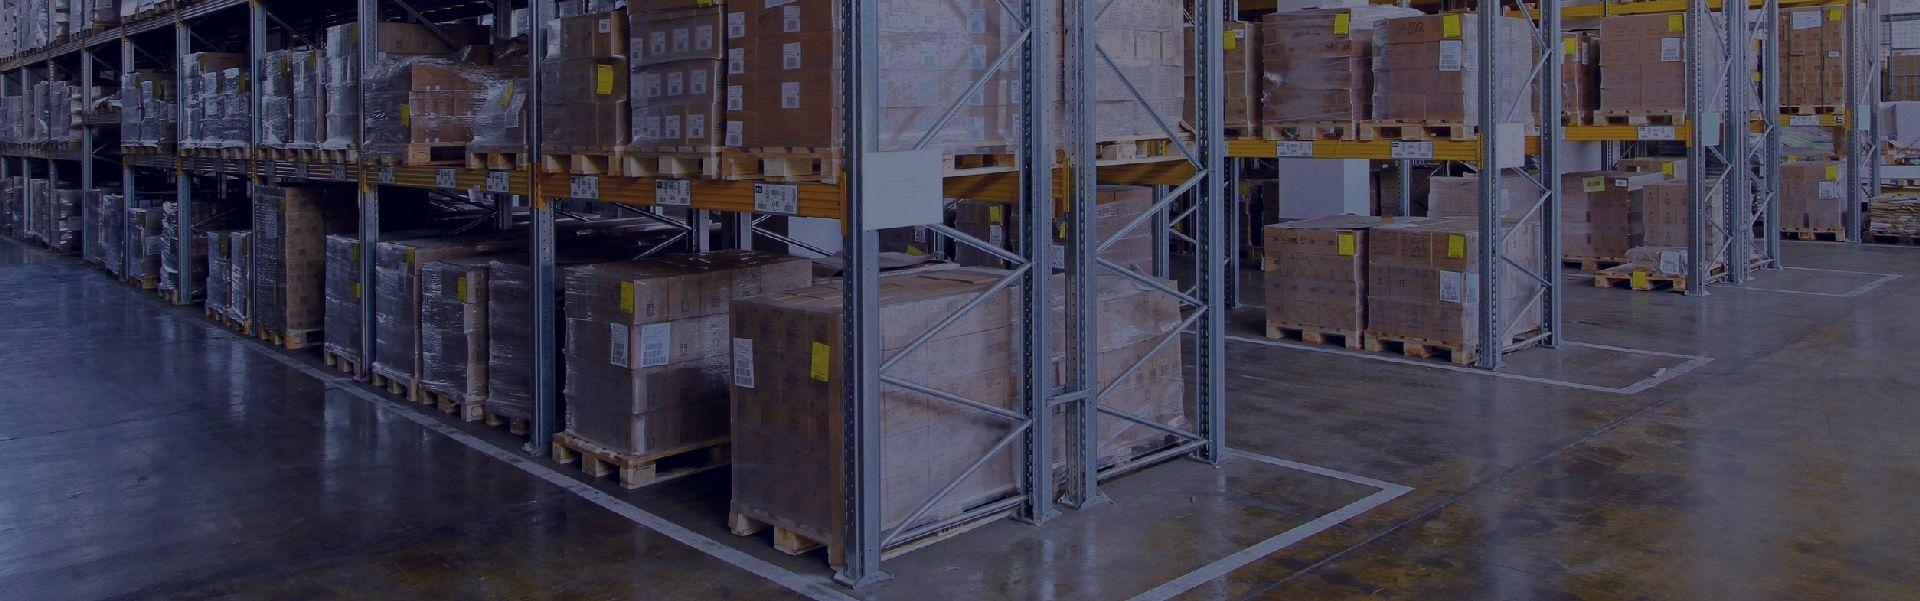 Komplexní logistické služby pod jednou střechou